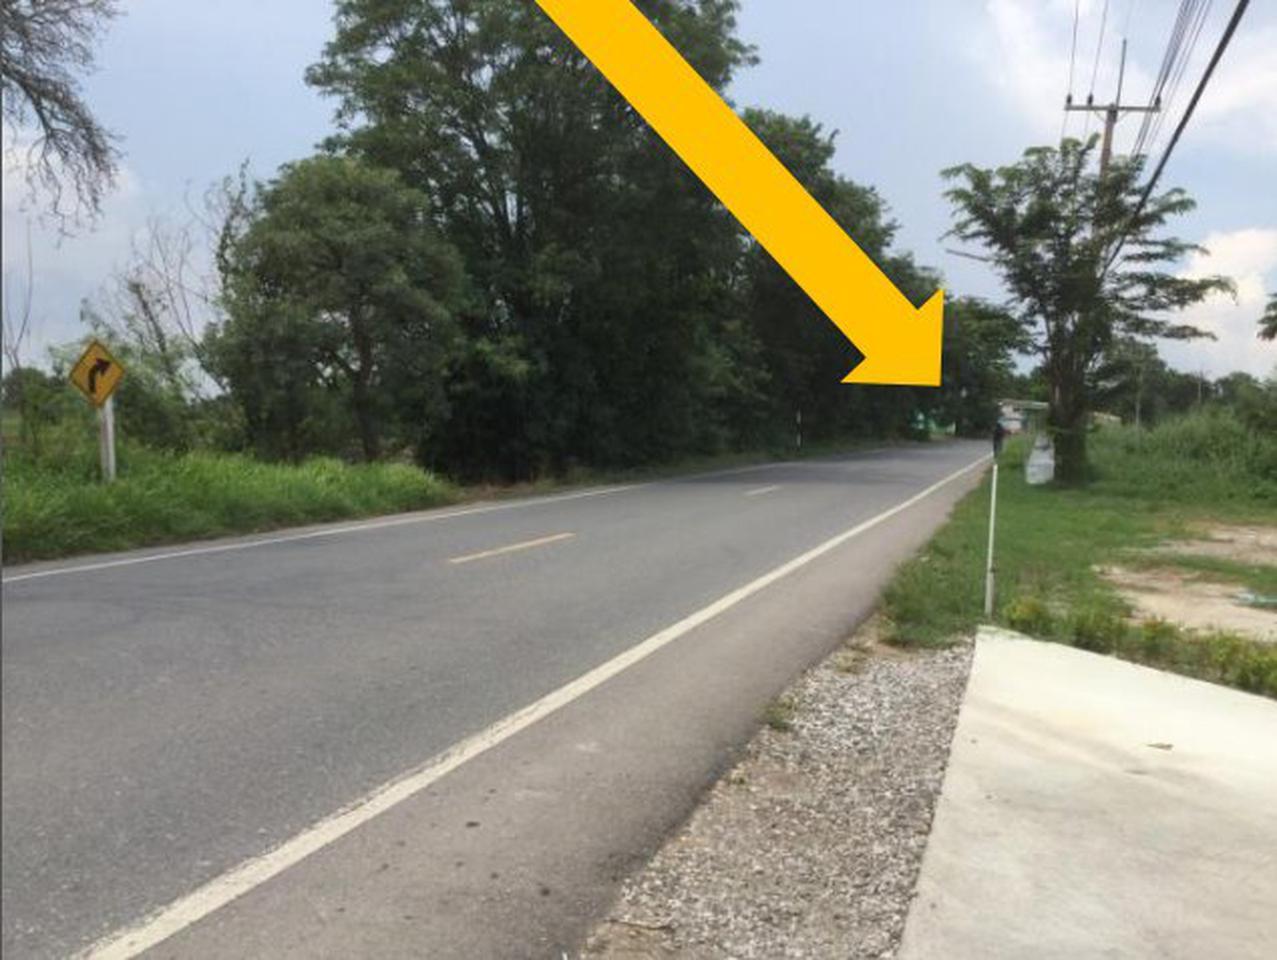 ขายที่ดิน อำเภอพนัสนิคม จังหวัดชลบุรี ติดถนนเมืองเก่า รูปที่ 2